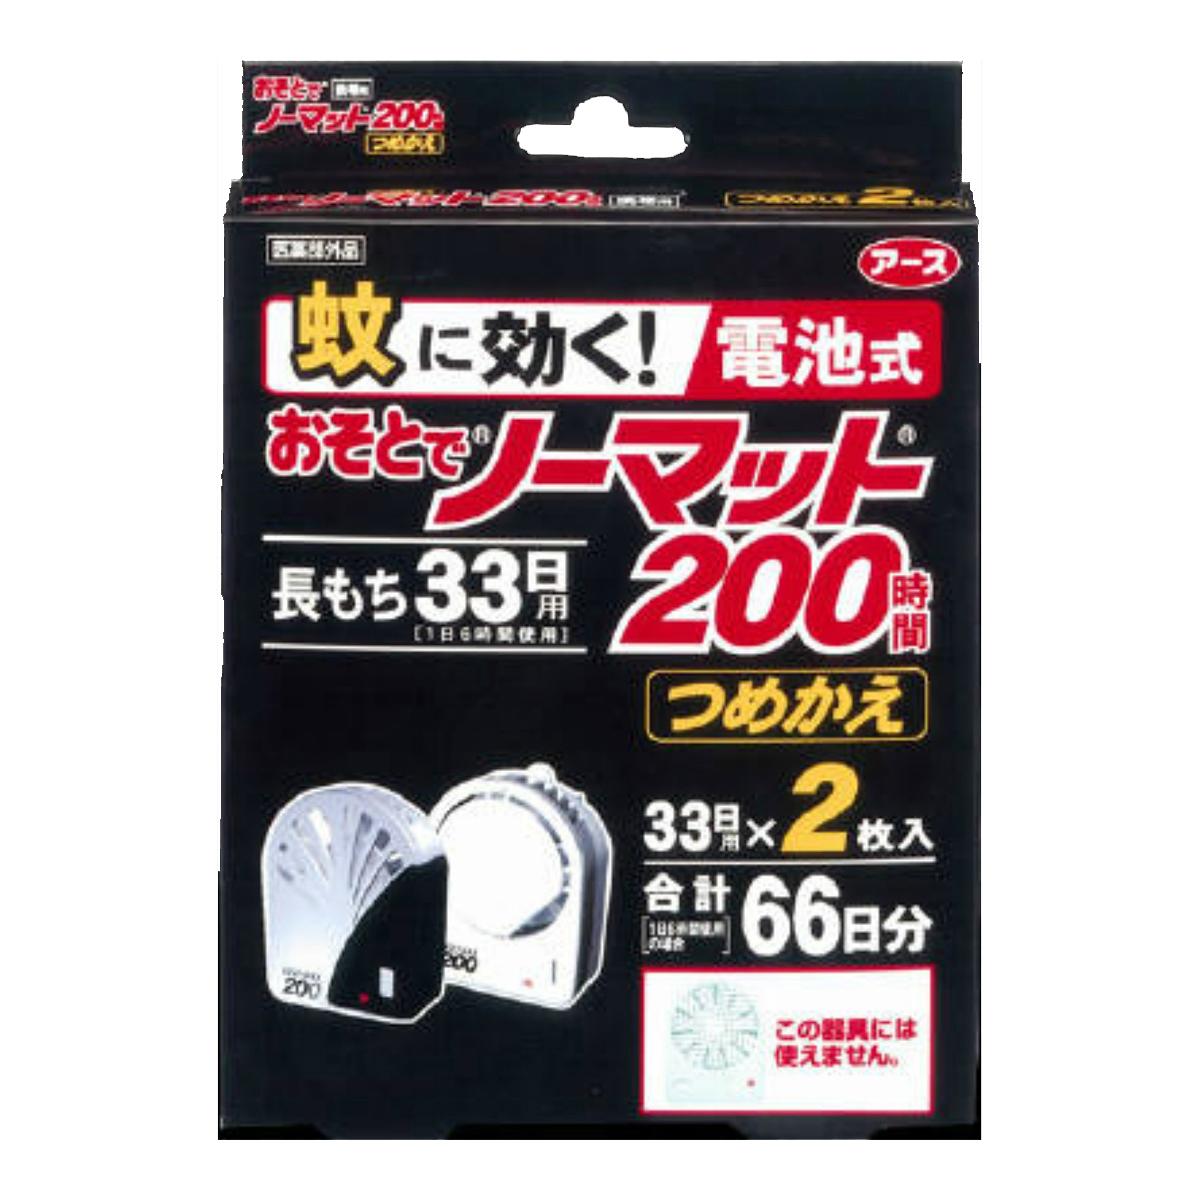 【送料無料】アース製薬 蚊に効く おそとでノーマット 200時間 つめかえ ※季節品×36点セット まとめ買い特価!ケース販売 ( 4901080108913 )